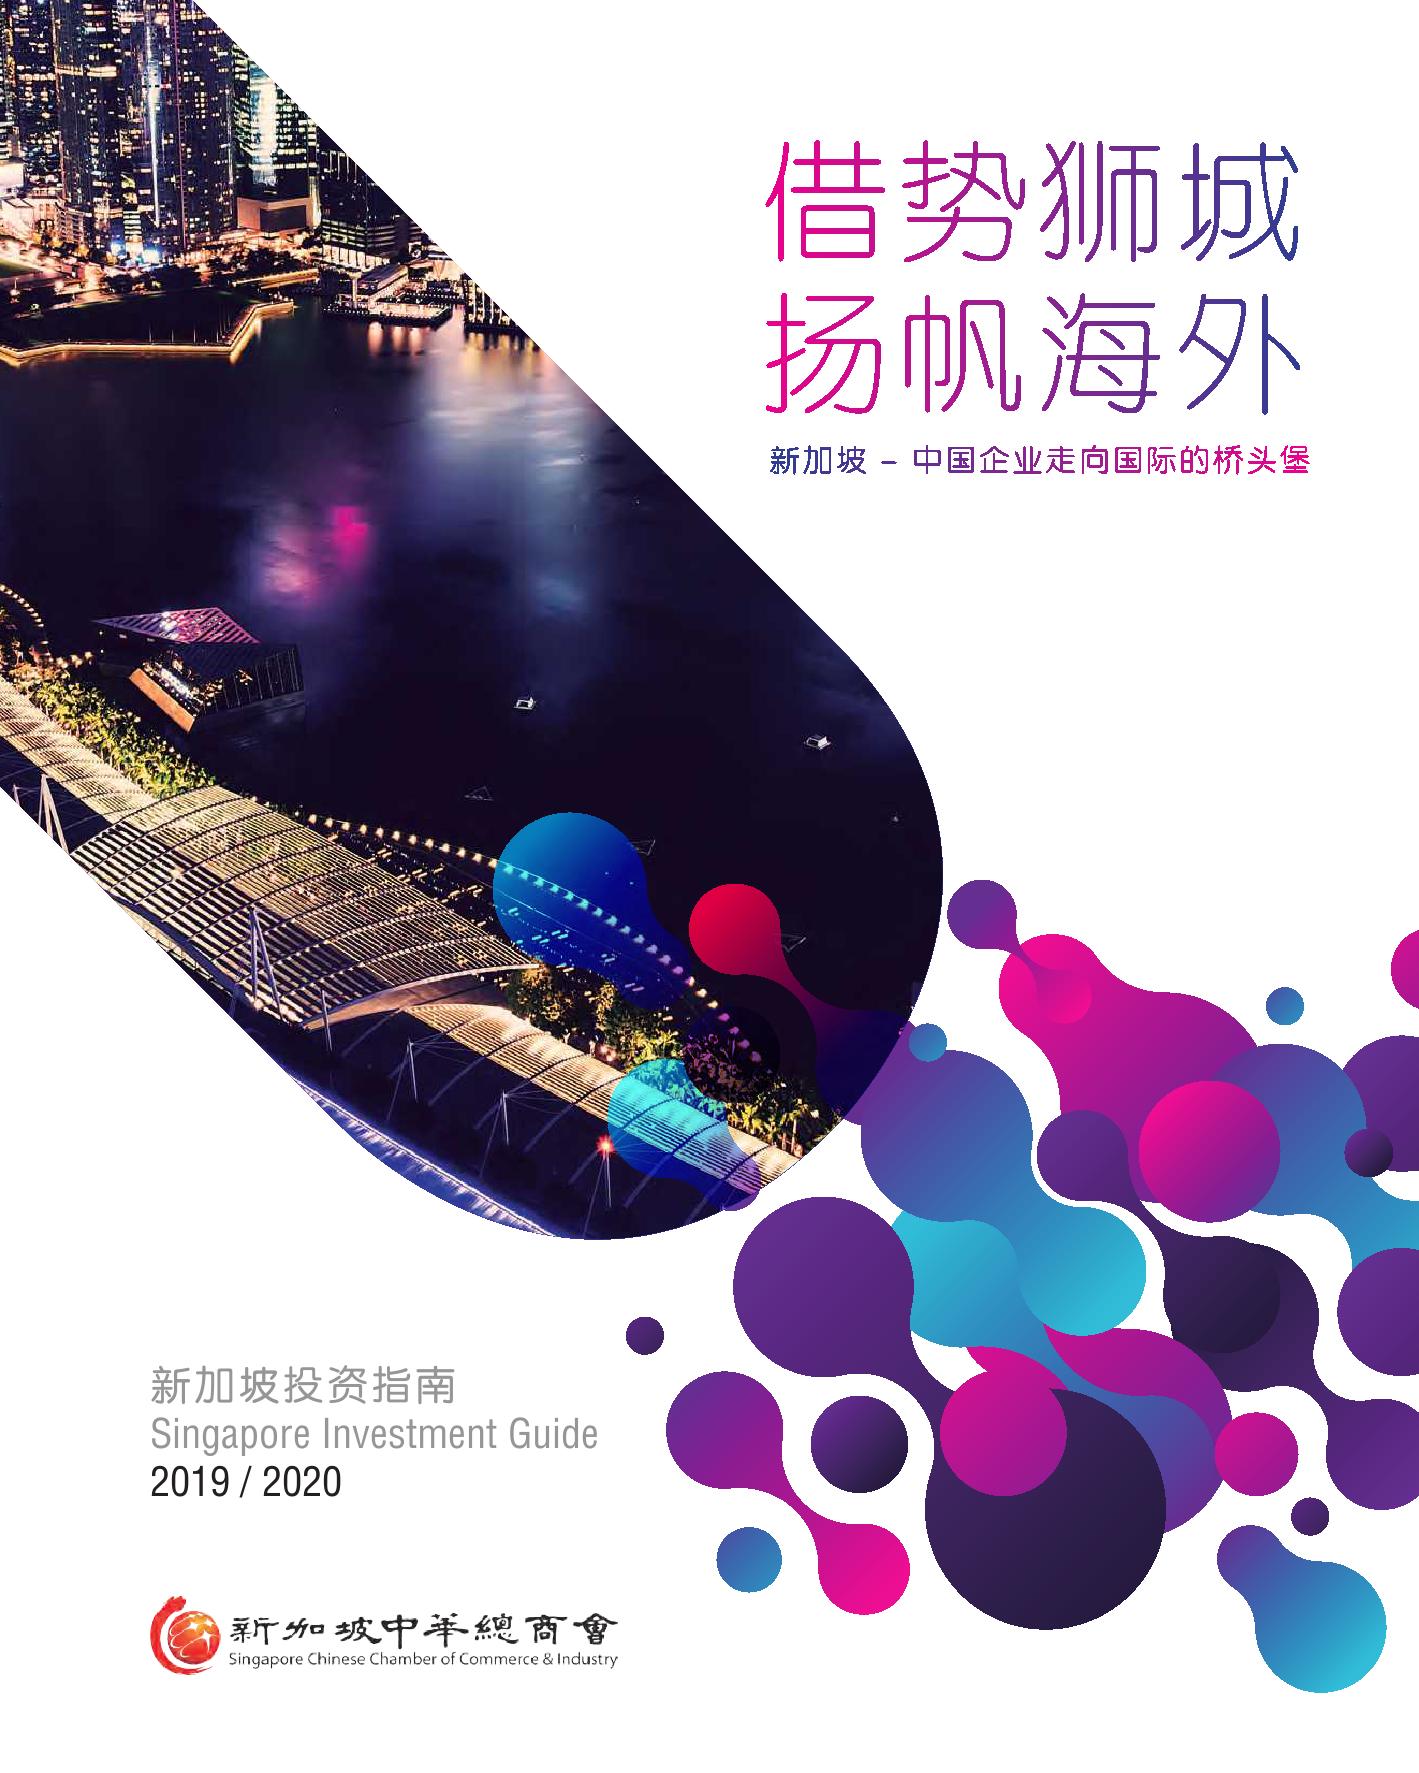 新加坡中华总商会:2019-2020年新加坡投资指南(附下载)